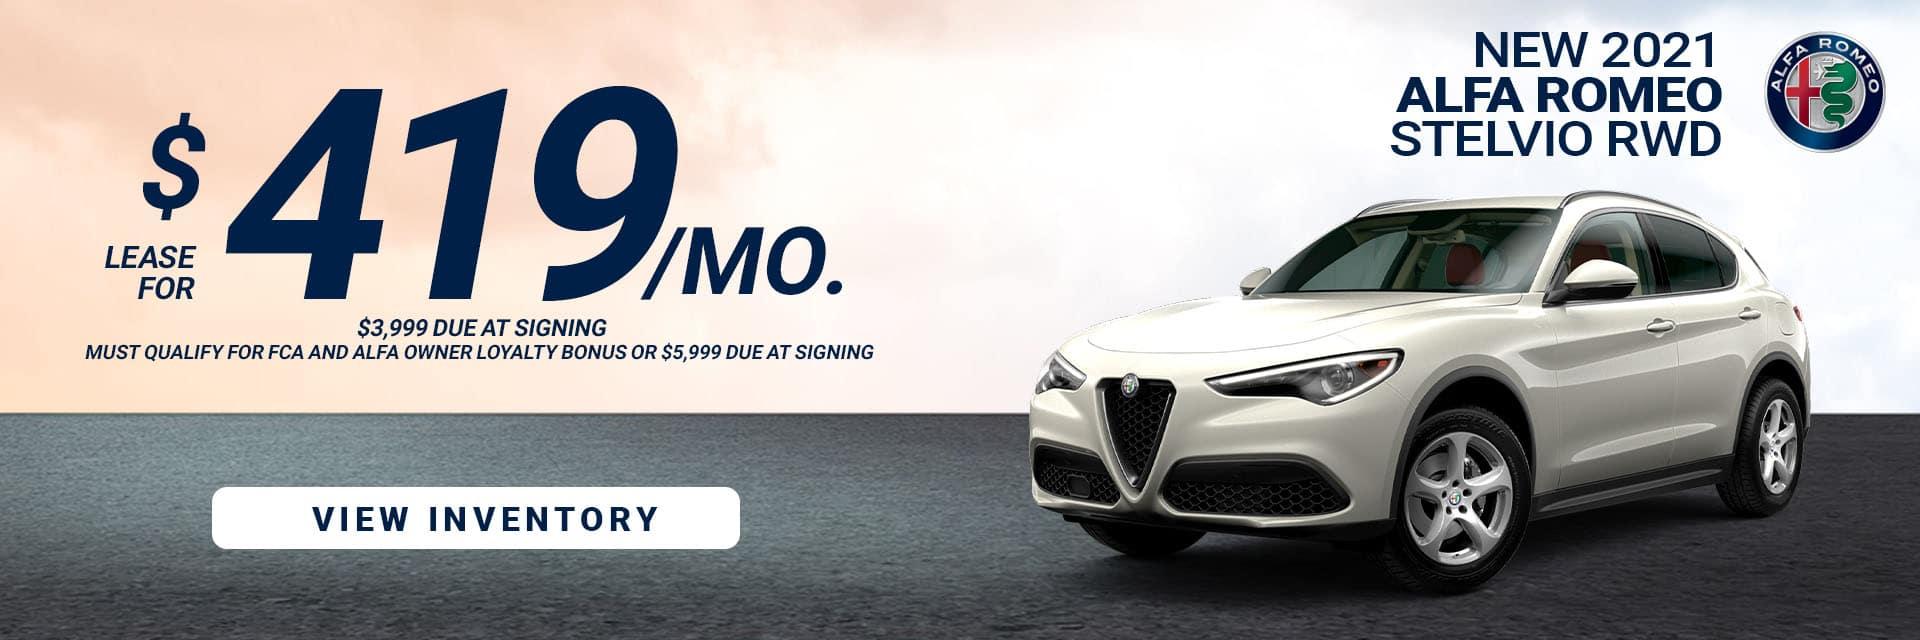 SLAR-June 20212021 Alfa Romeo Stelvio copy